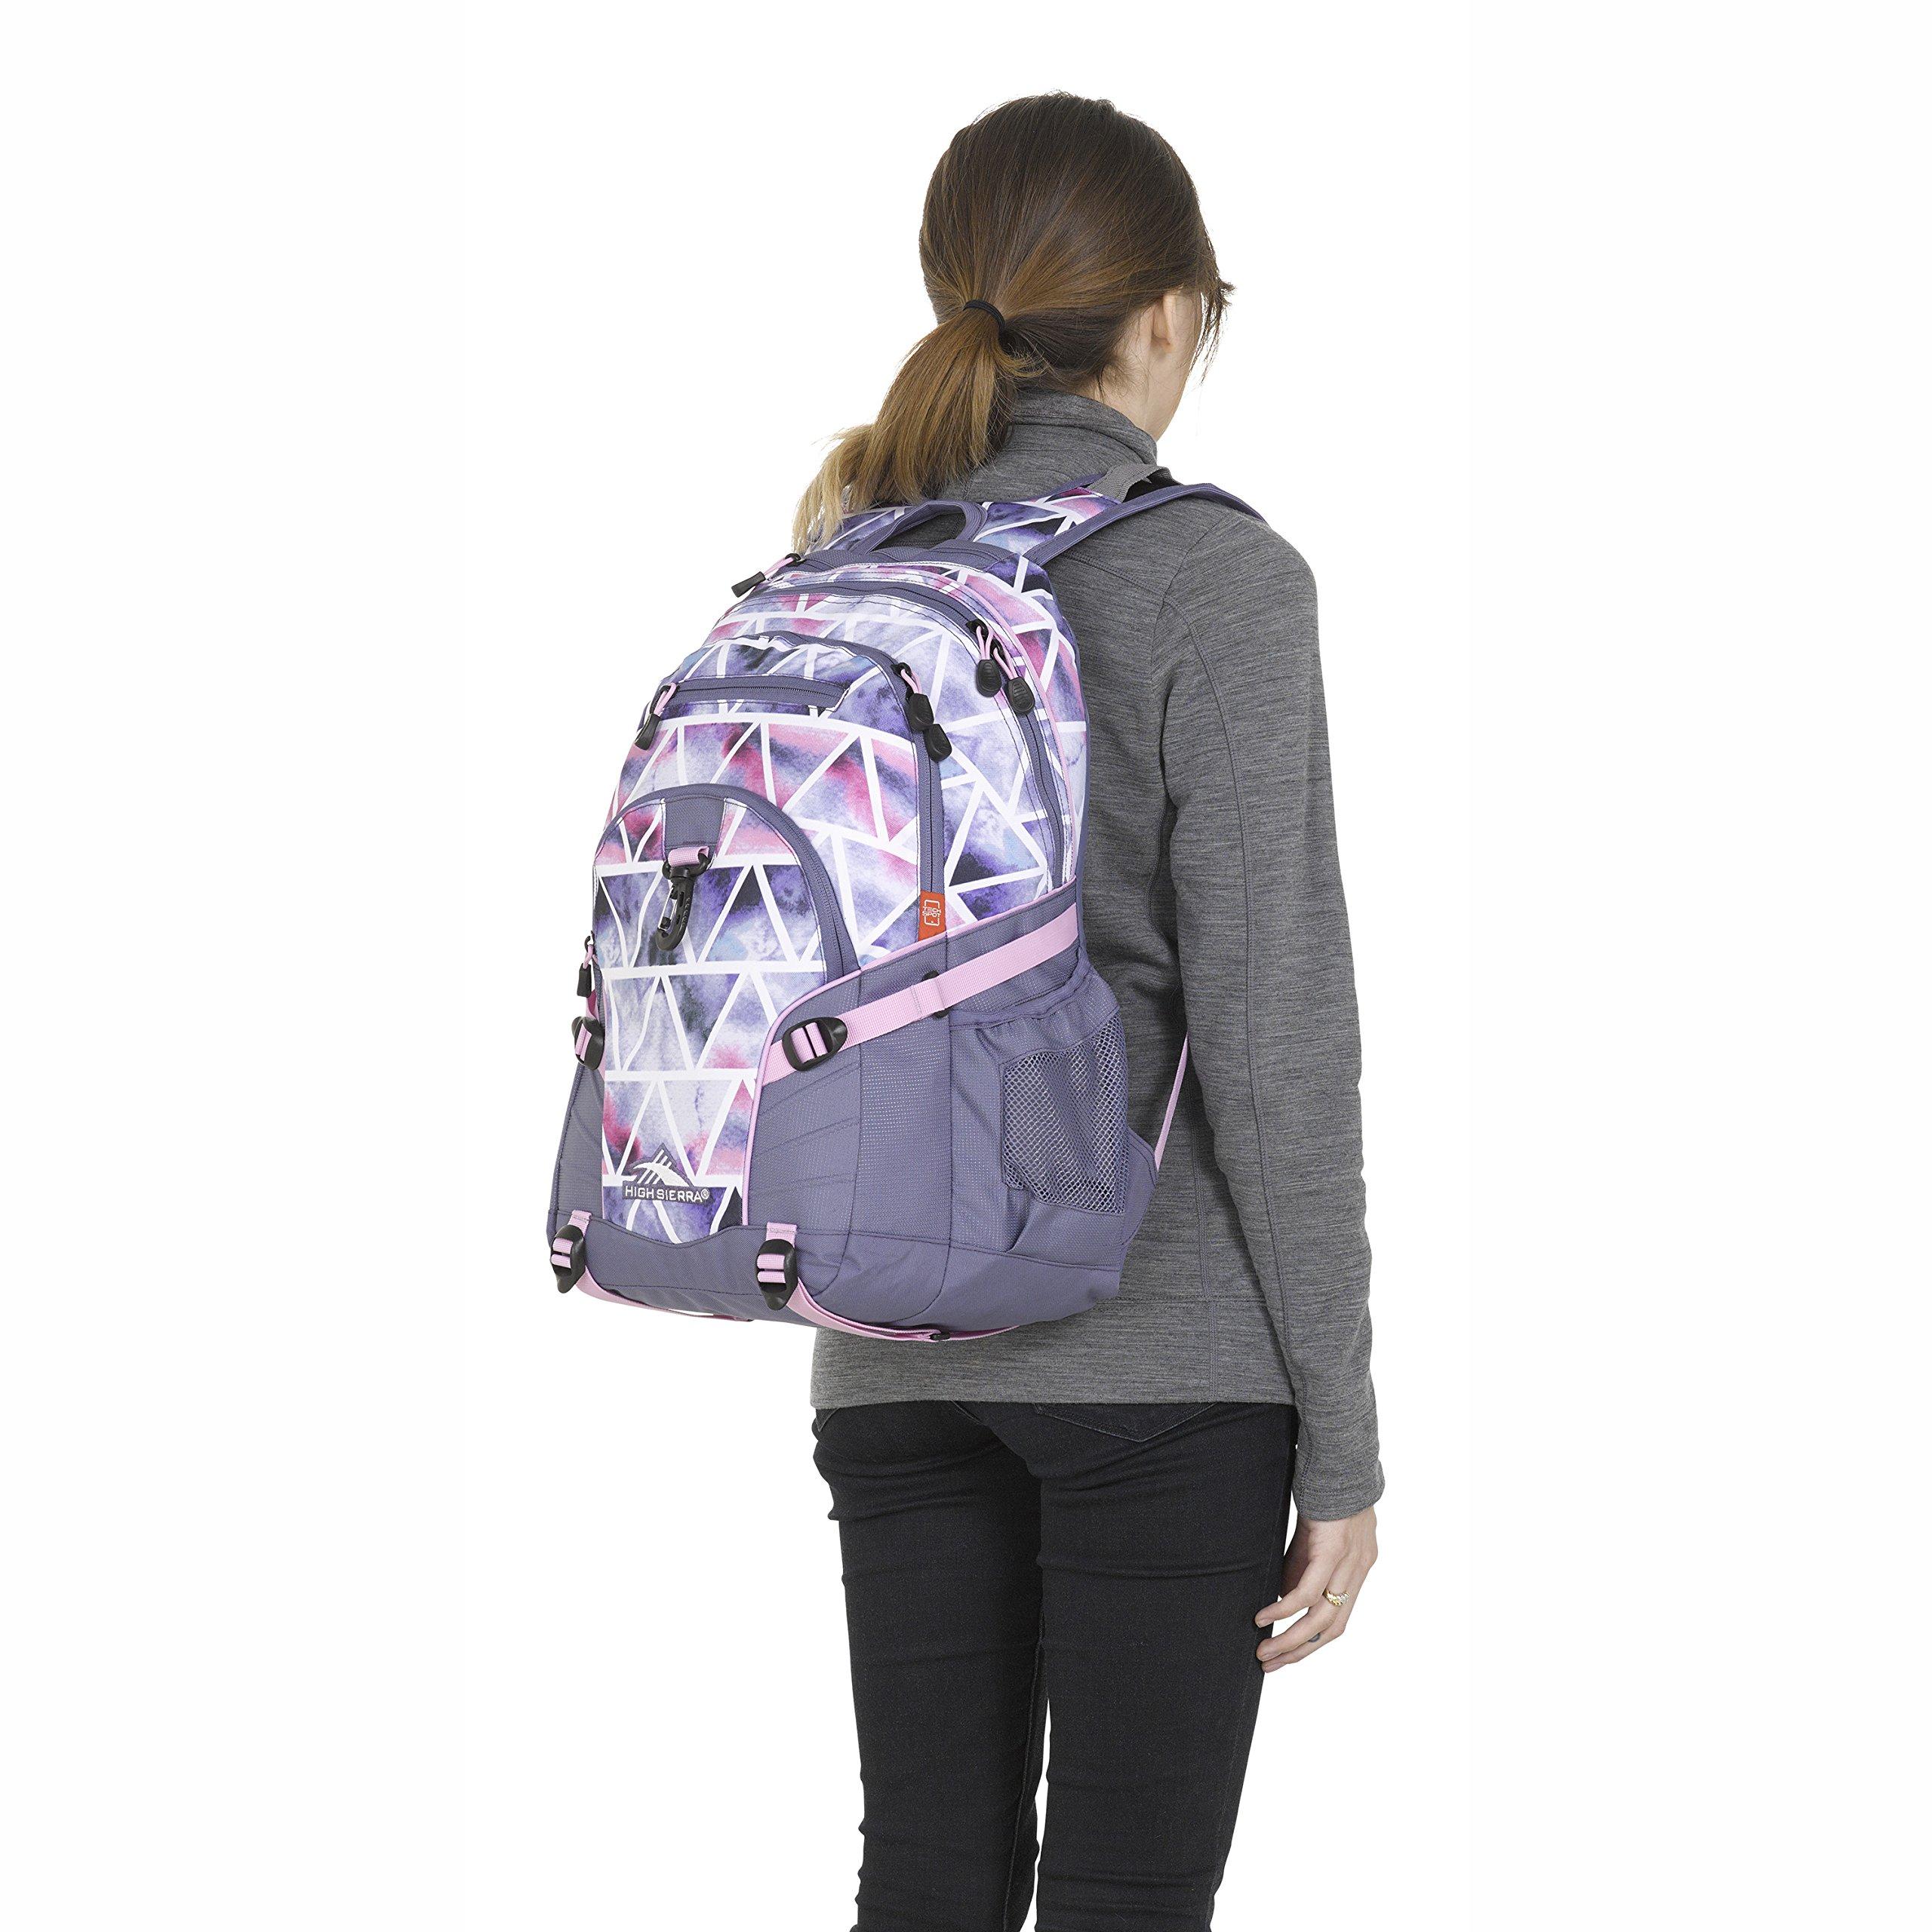 High Sierra Loop Backpack Dreamscape/Purple Smoke by High Sierra (Image #5)